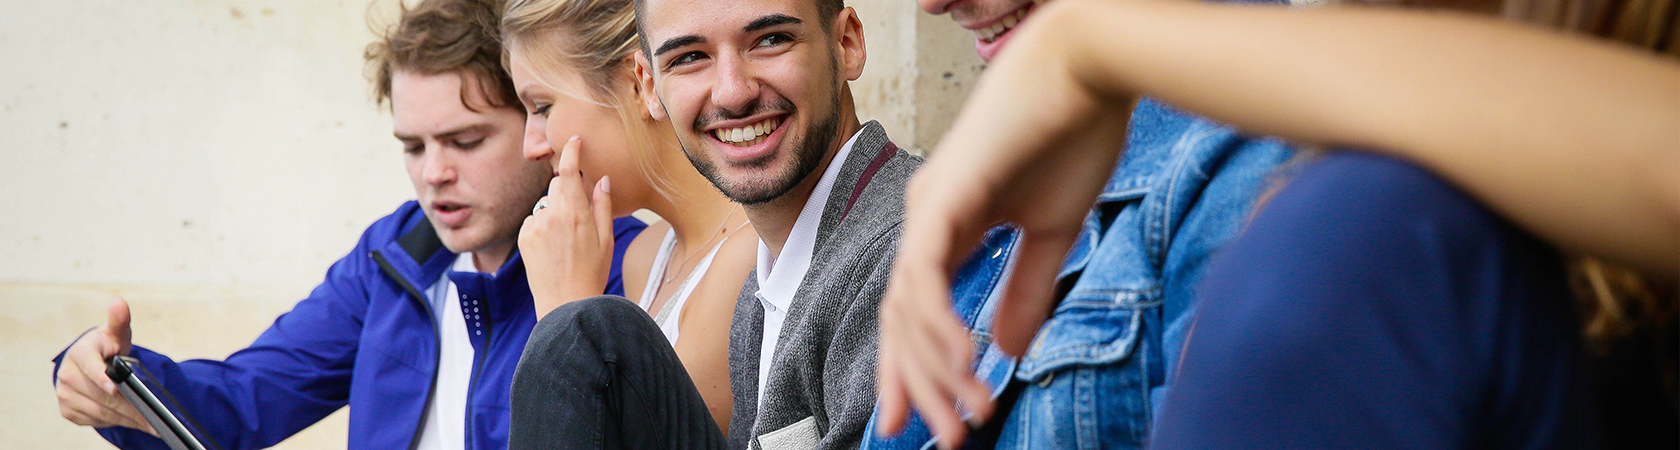 Prise de RDV personnalisé - MBA Digital Marketing & Business EFAP Paris Full-Time